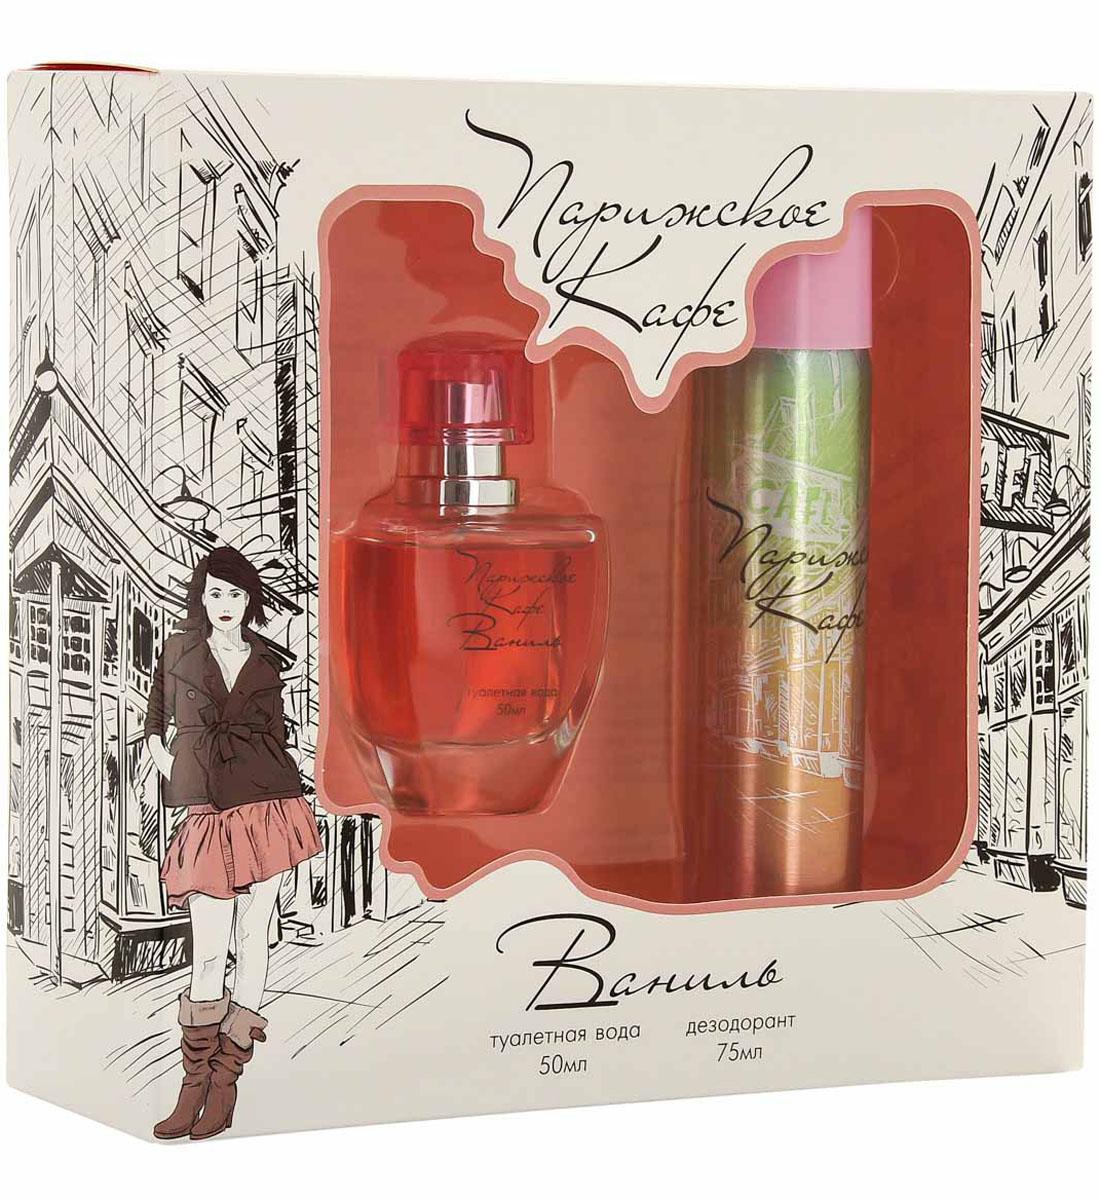 КПК-Парфюм Подарочный набор для женщин Парижское кафе: Ваниль: Туалетная вода, 50 мл + Парфюмированный дезодорант, 75 мл5010777139655ПАРИЖСКОЕ КАФЕ ВАНИЛЬ- это аромат для женщин. Верхняя нота: цветок ванили; ноты сердца: ваниль, иланг-иланг, гелиотроп и роза; ноты базы: шоколад, какао и мускус.